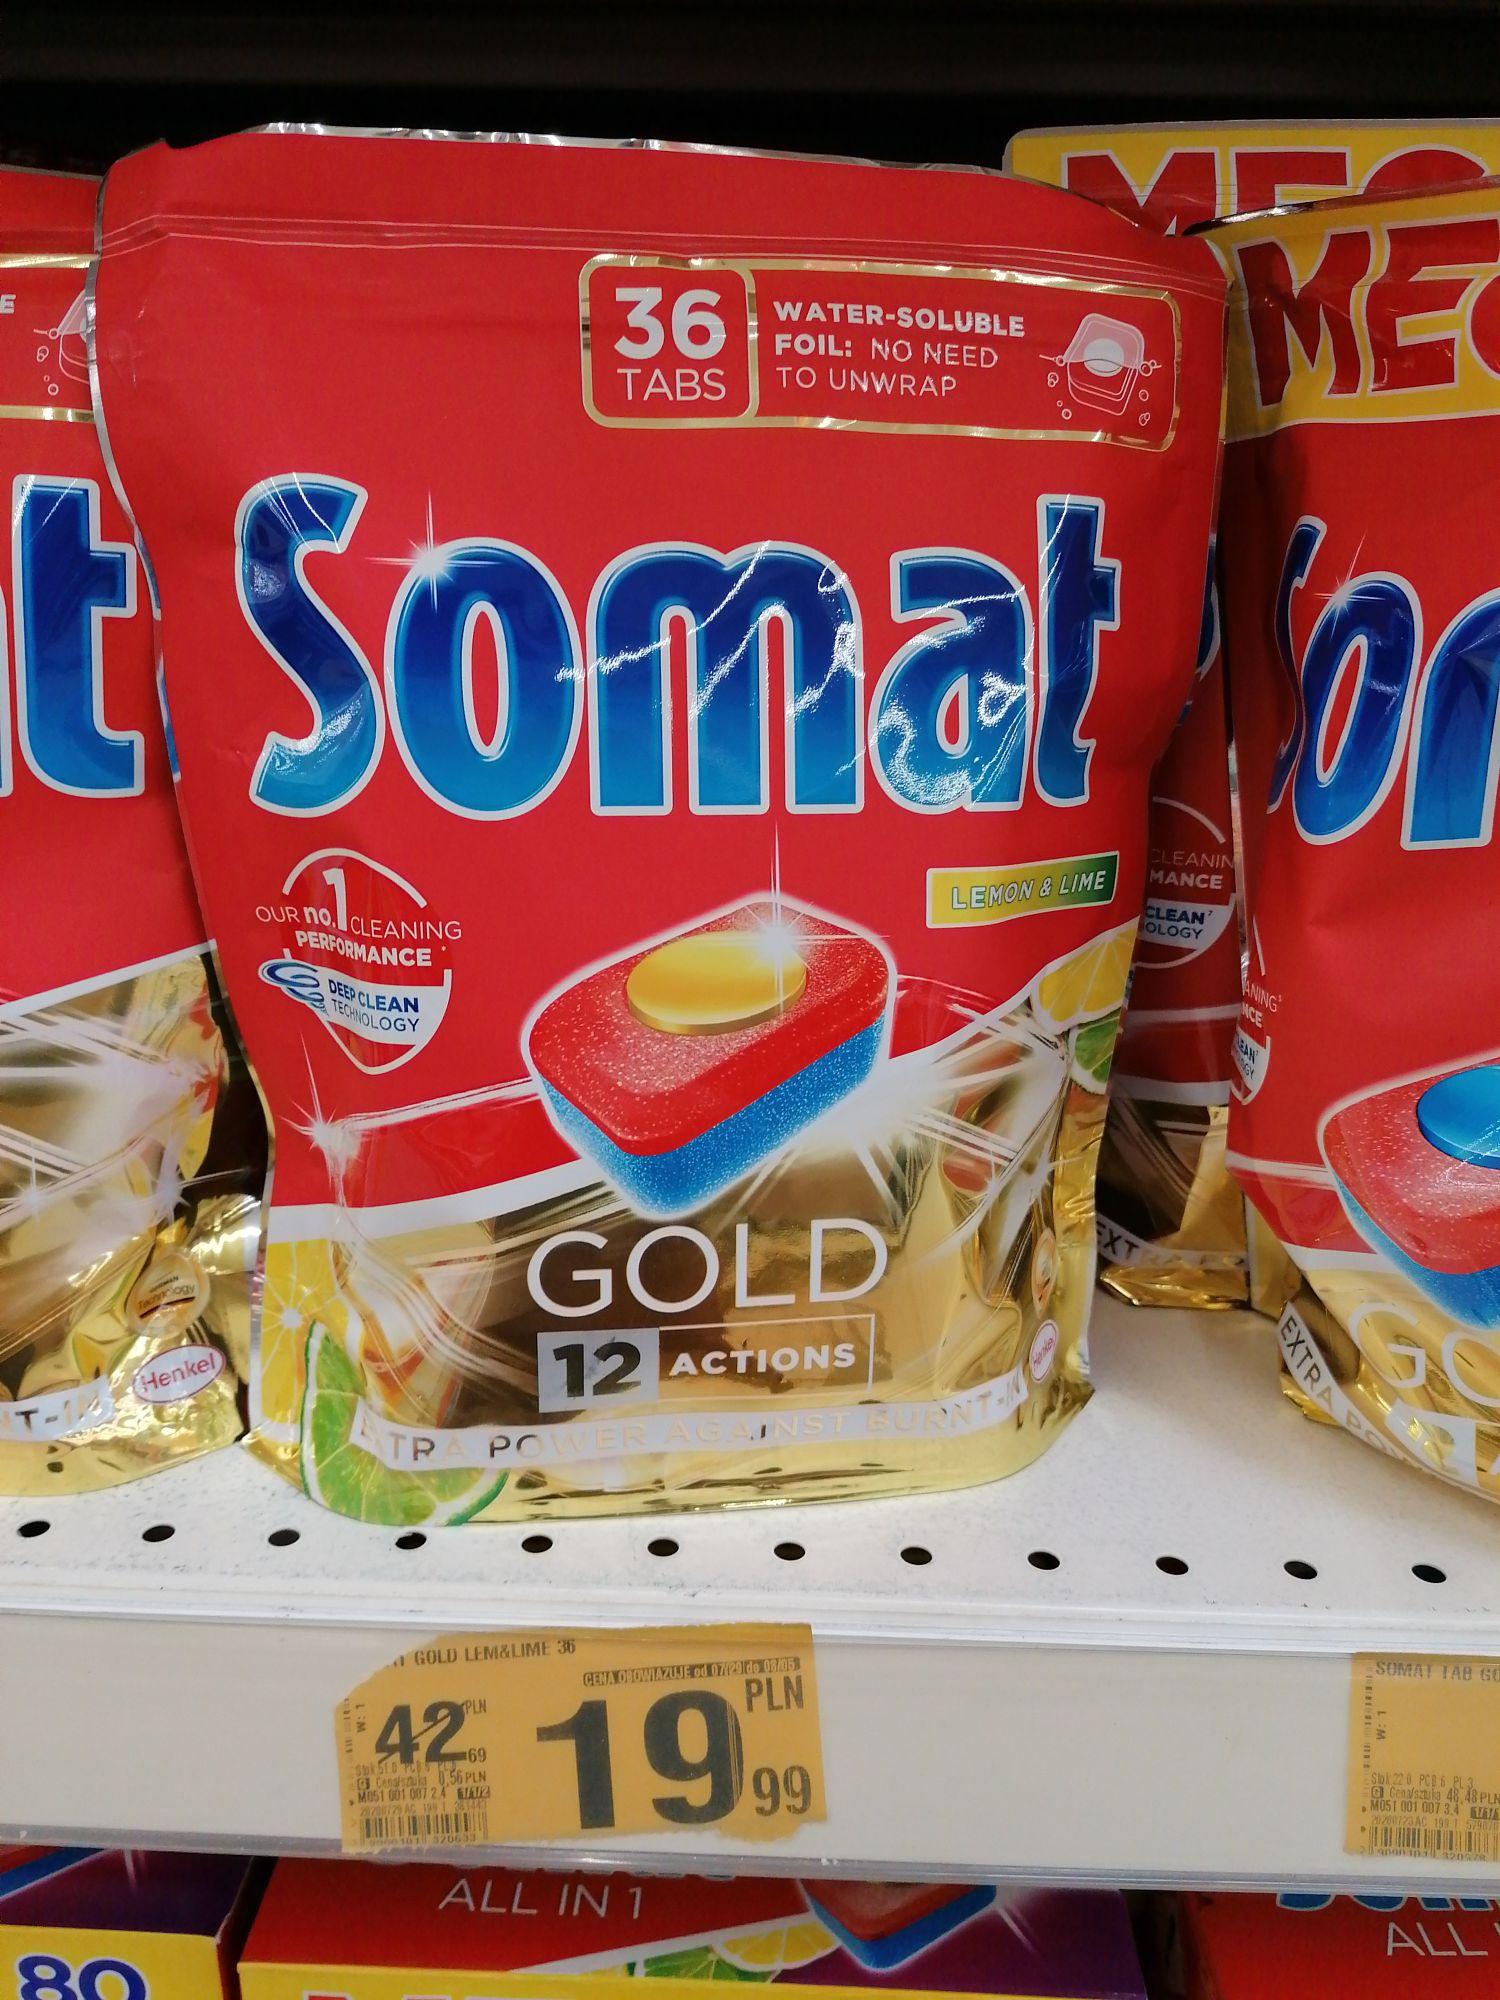 Somat Gold @Auchan 0.55zl/szt